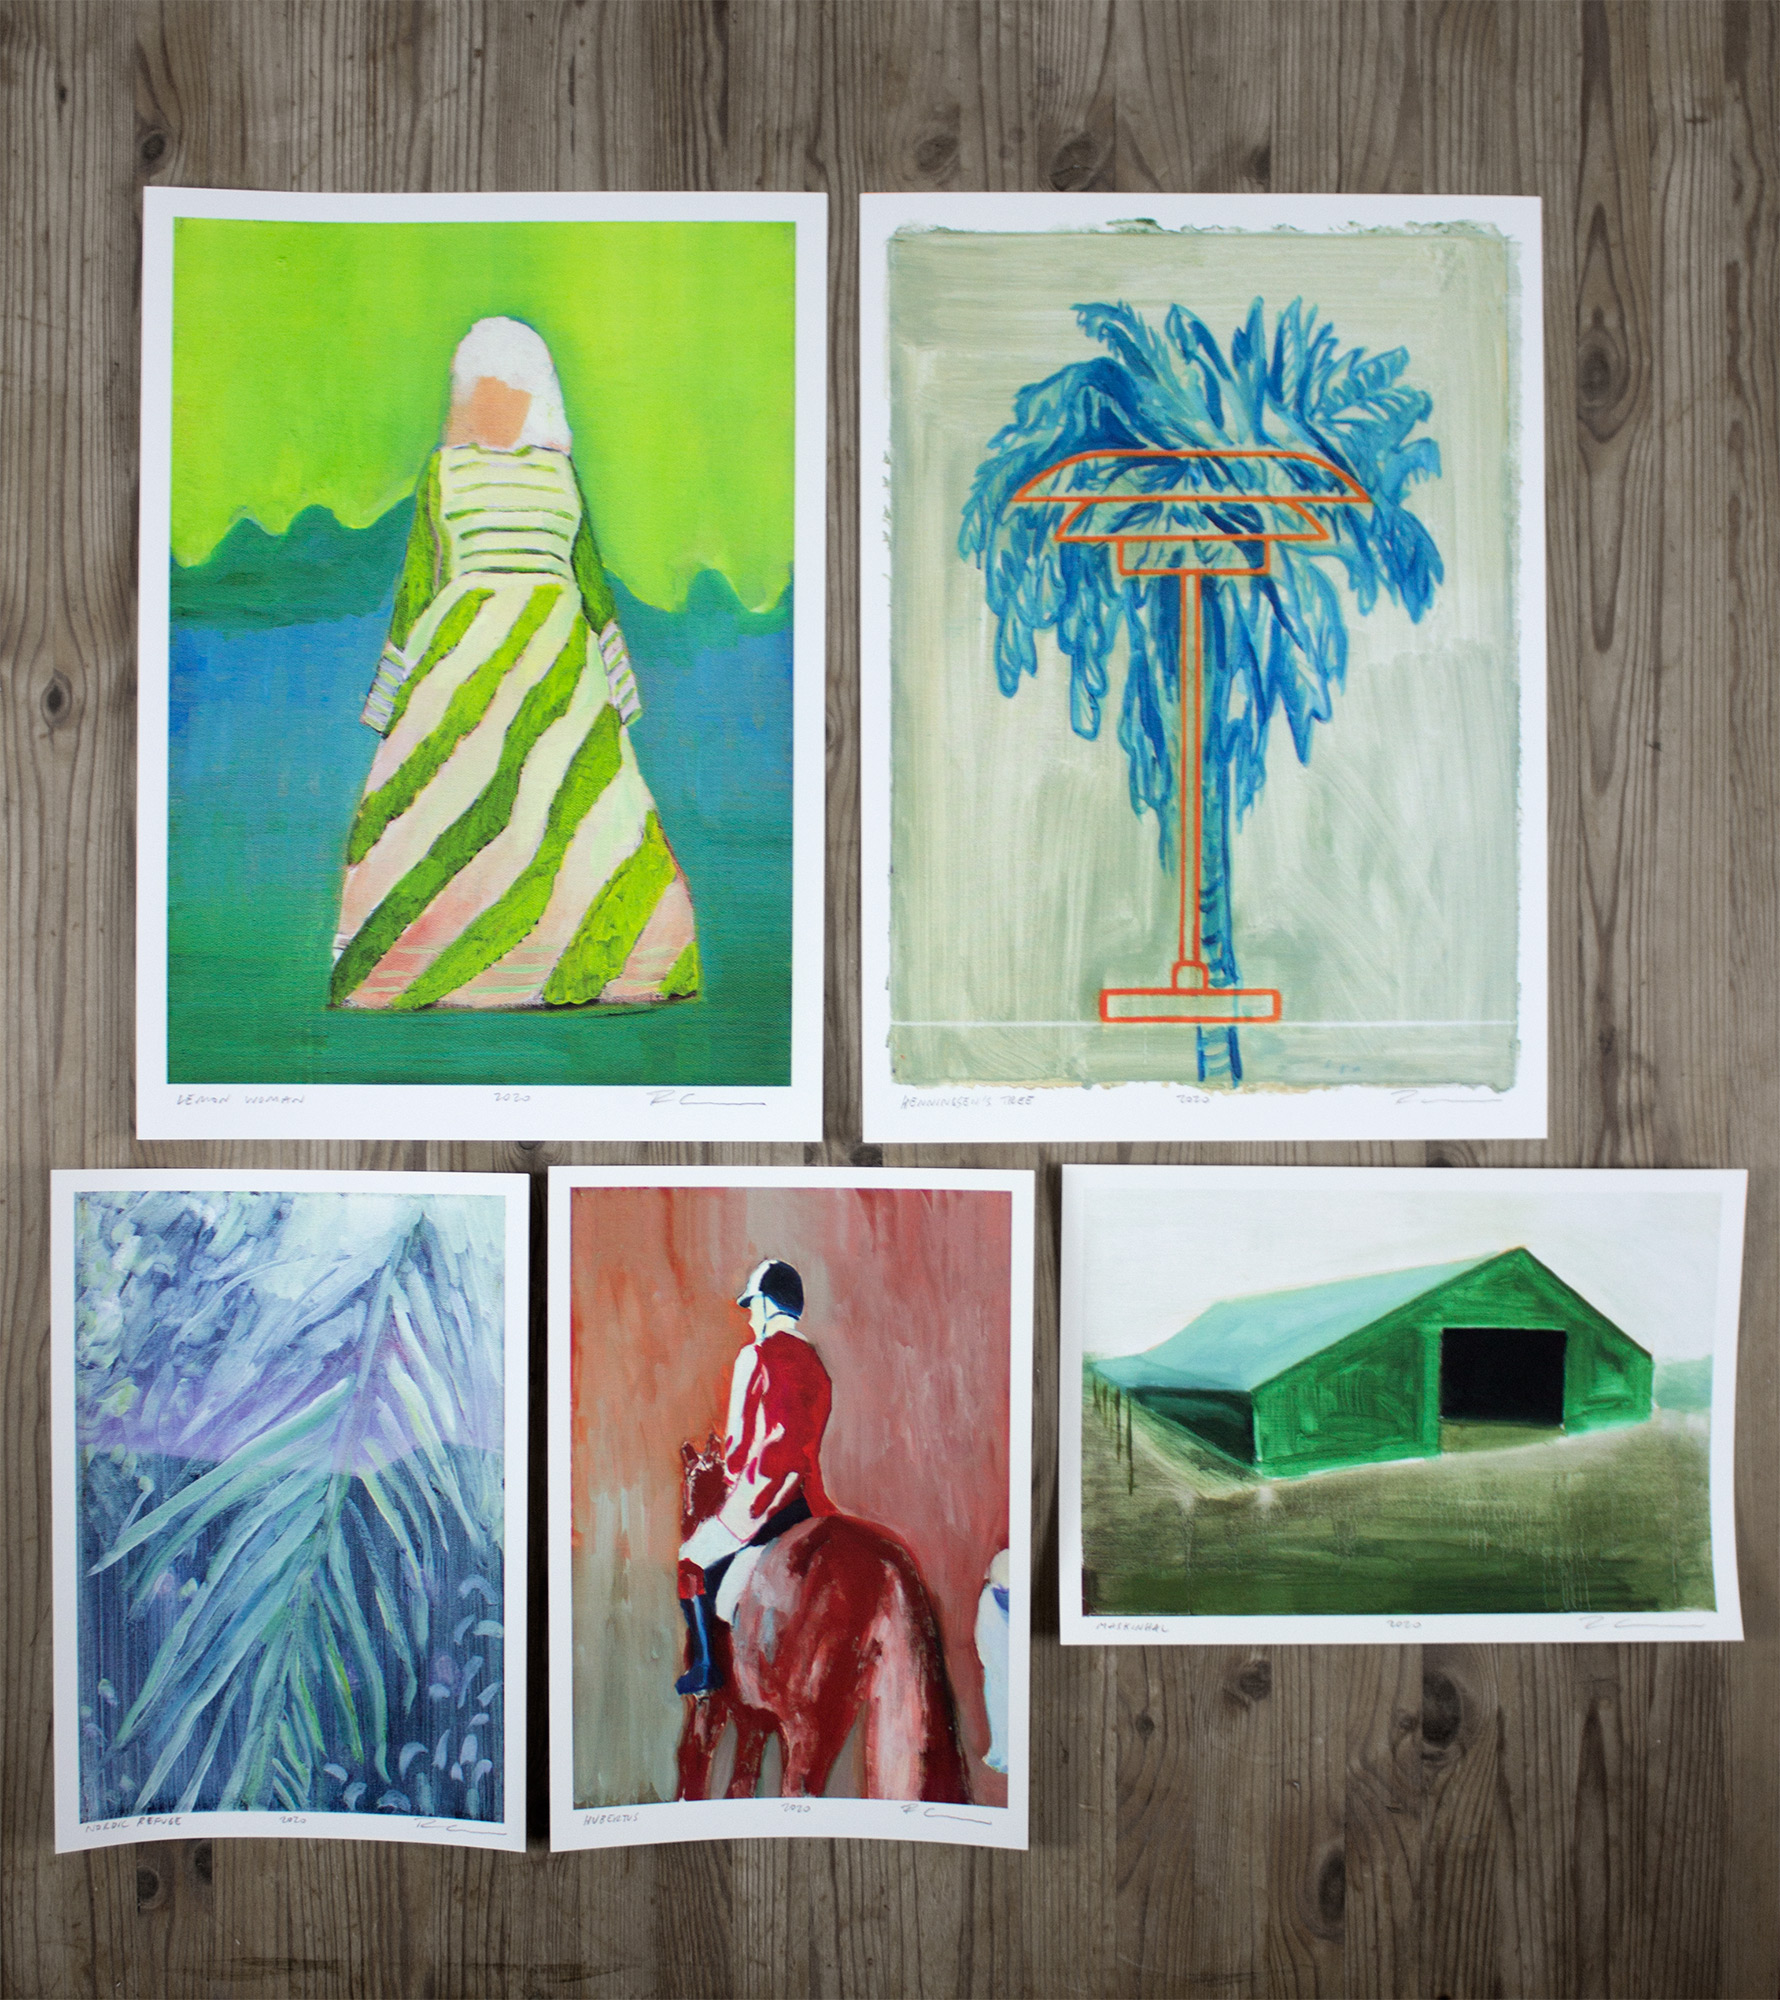 plakater-posters-kunsttryk, giclee-tryk, æstetiske, figurative, grafiske, illustrative, still-life, arkitektur, botanik, beige, blå, brune, orange, turkise, blæk, papir, smukke, samtidskunst, københavn, dansk, dekorative, design, interiør, bolig-indretning, moderne, moderne-kunst, nordisk, plakater, tryk, skandinavisk, træer, Køb original kunst og kunstplakater. Malerier, tegninger, limited edition kunsttryk & plakater af dygtige kunstnere.